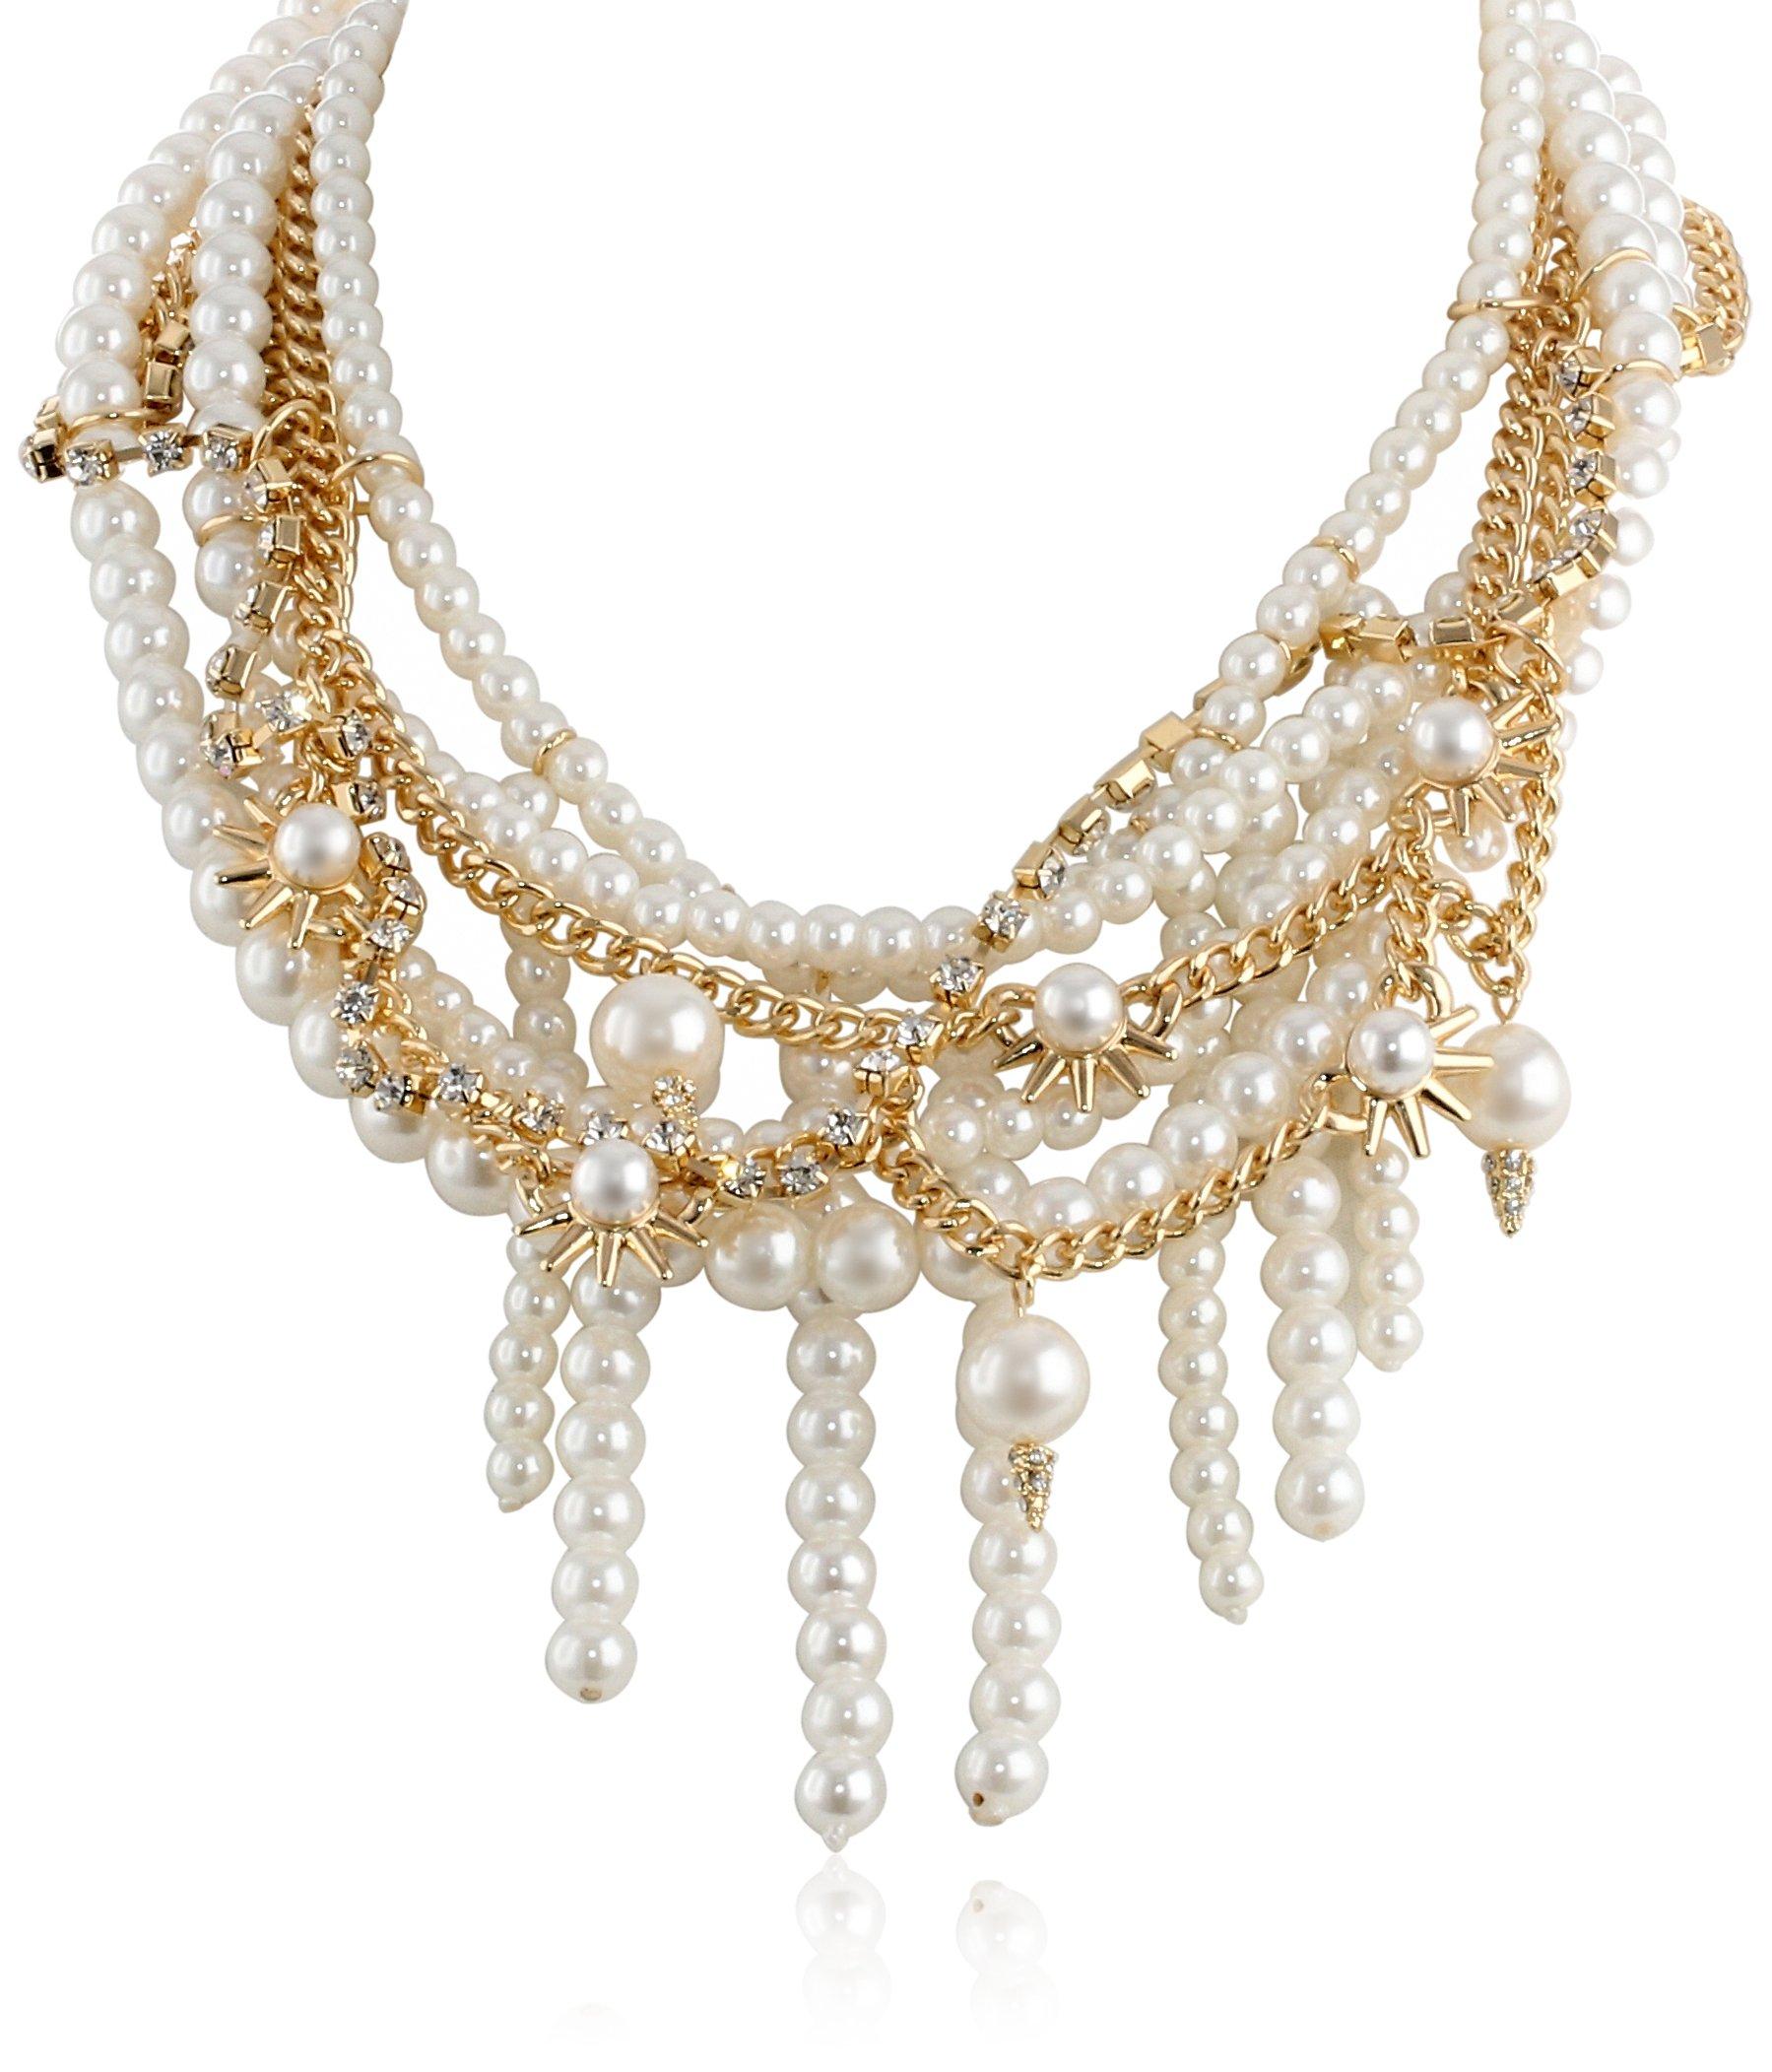 Sam Edelman Pearl Chain Collar Necklace, 16